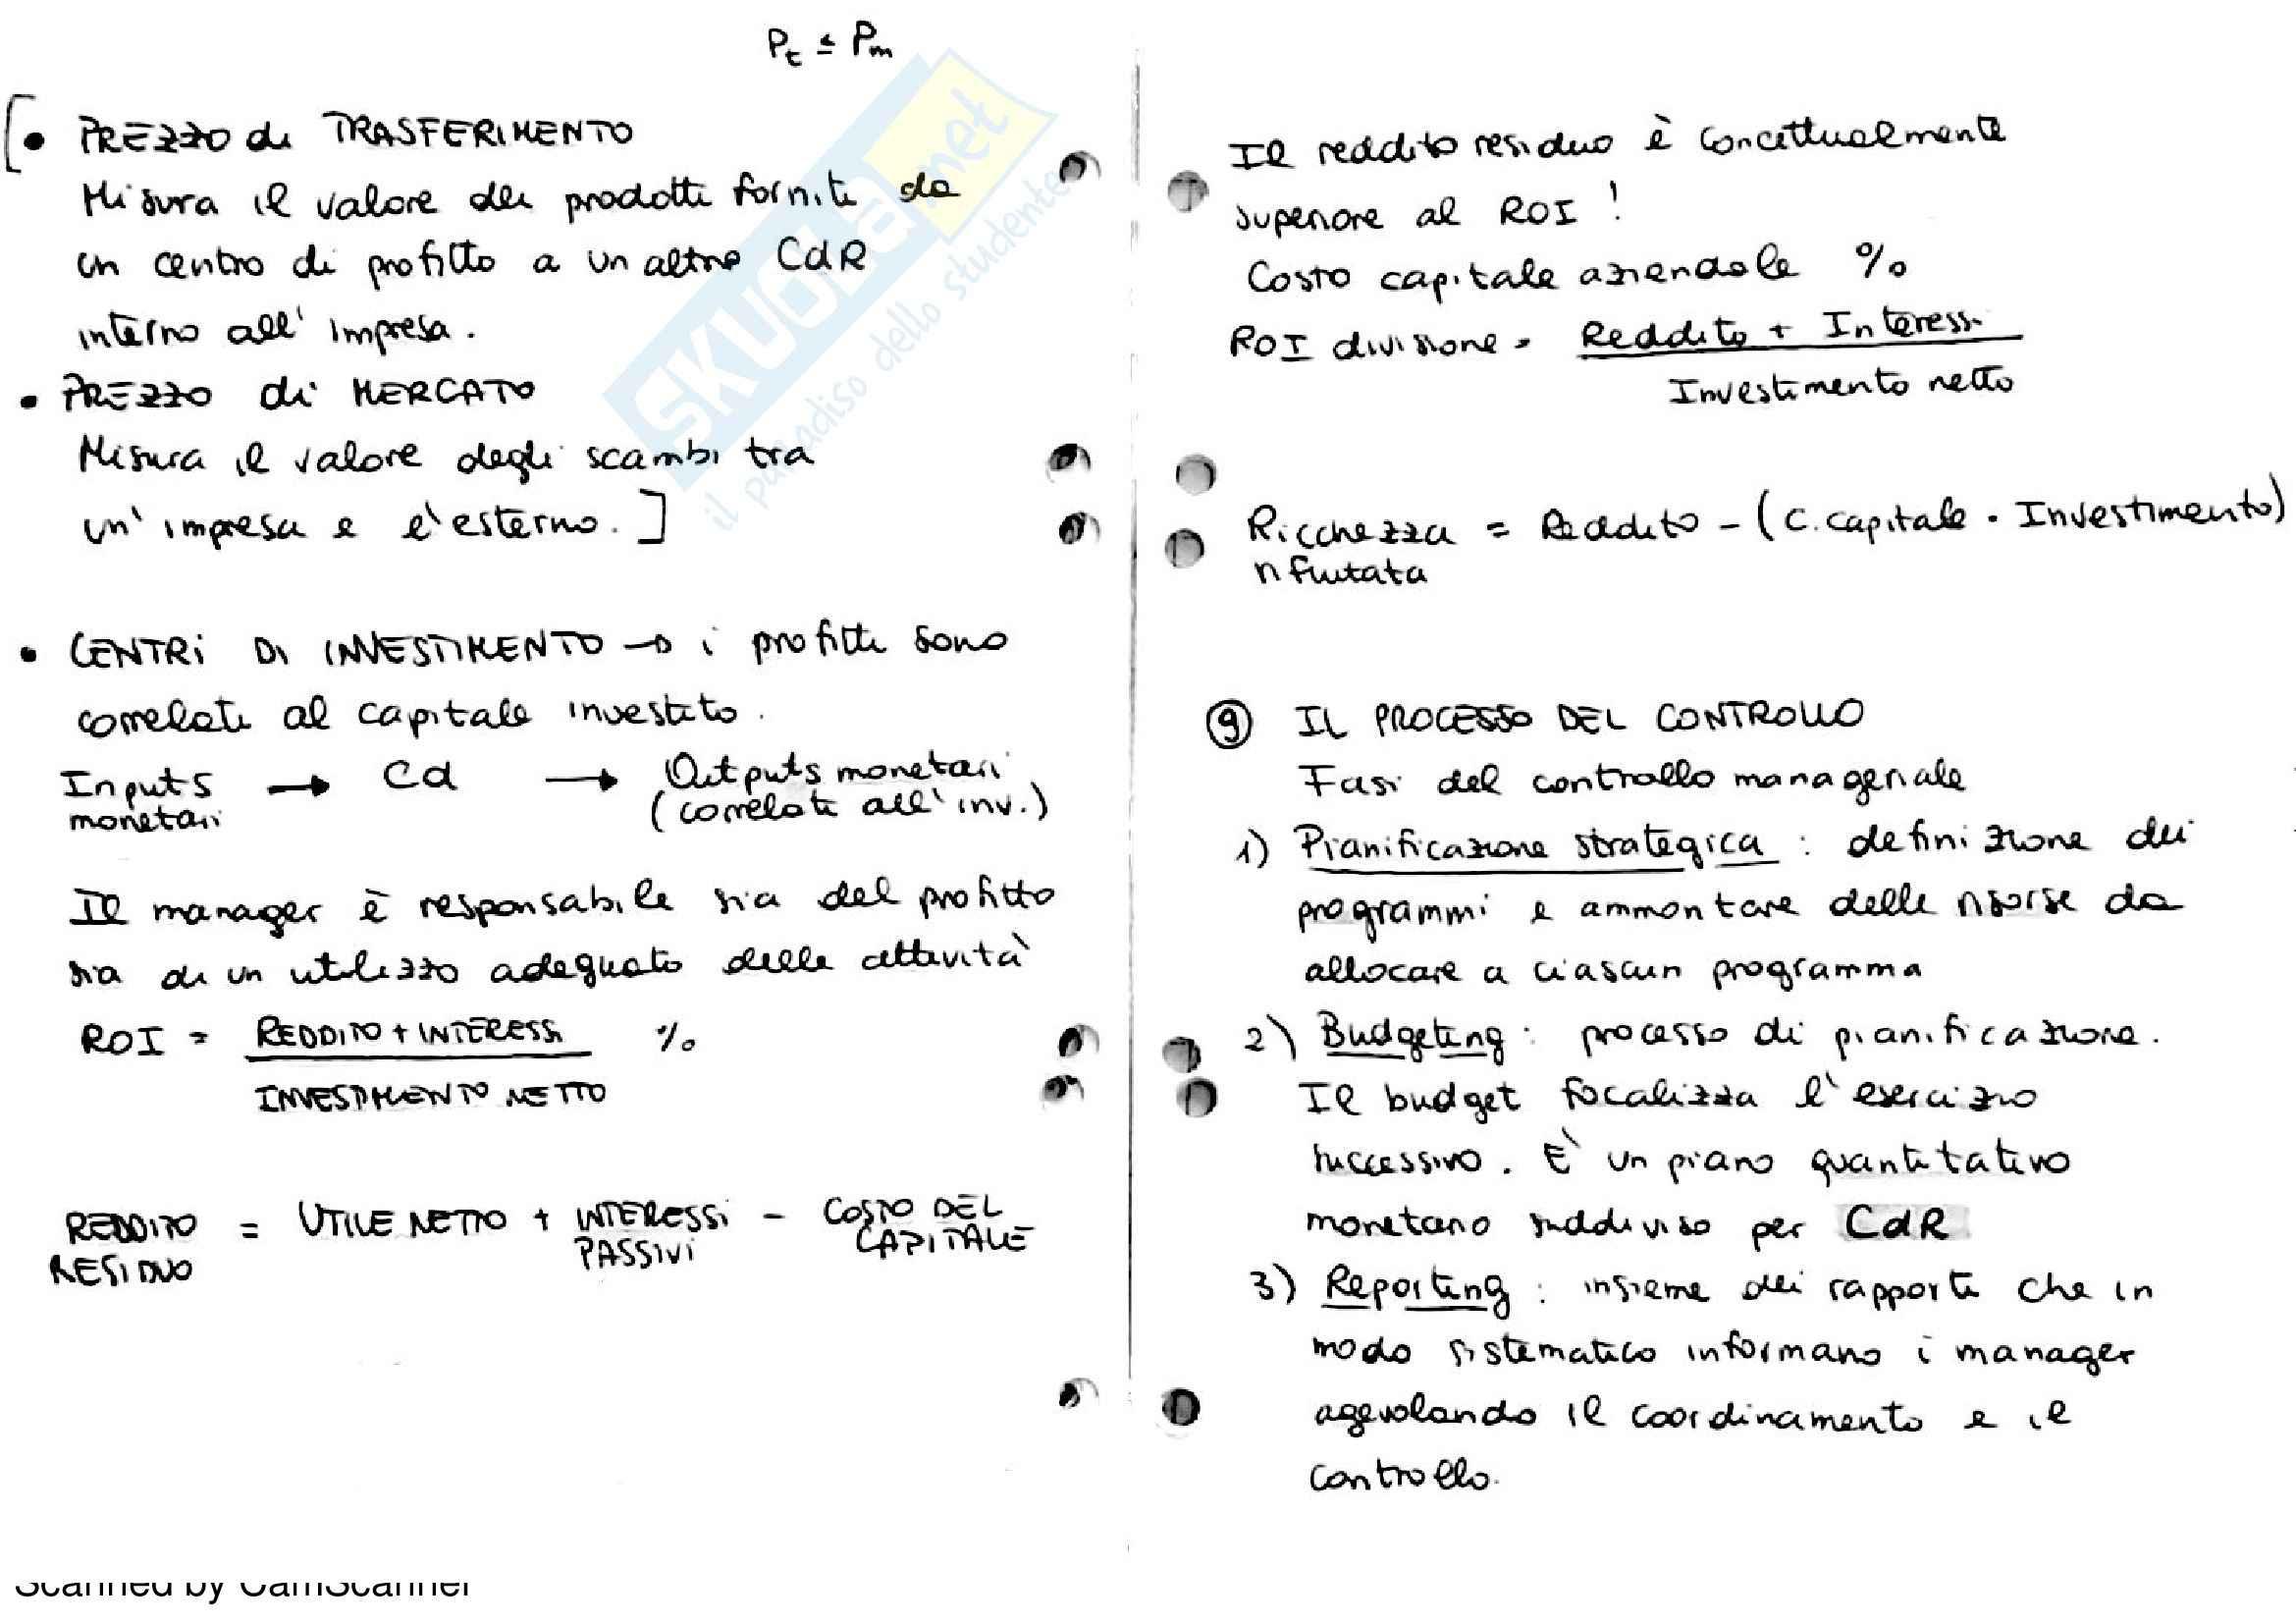 Gestione aziendale - sistemi di controllo di gestione Pag. 16